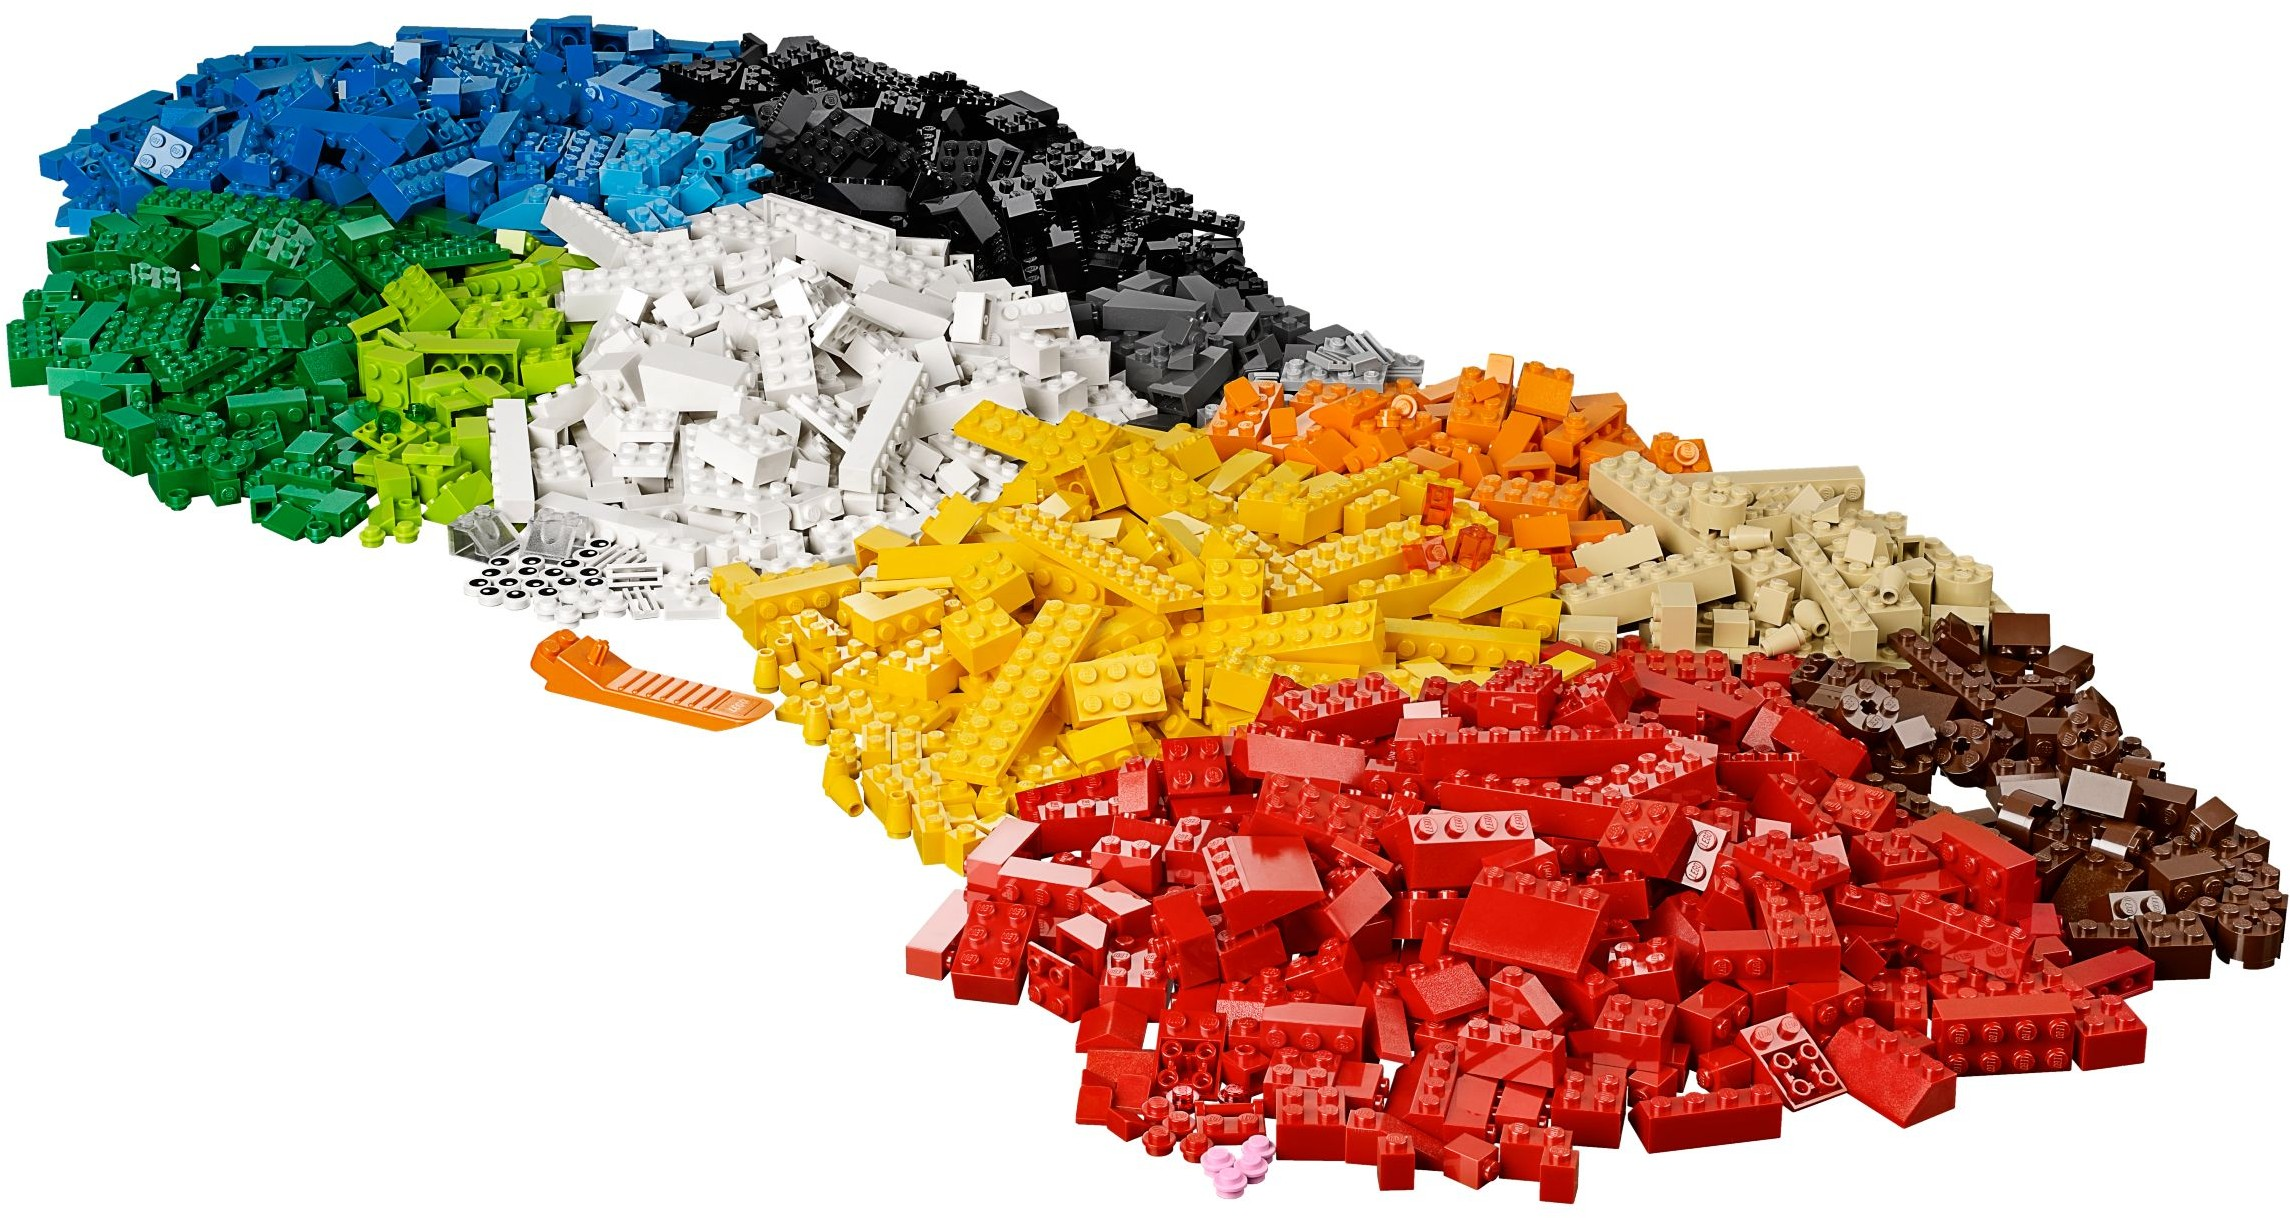 Mua đồ chơi LEGO 10654 - LEGO Classic 10654 - Hộp Gạch Khổng Lồ 1600 Mảnh Ghép (LEGO Classic XL Creative Brick Box 10654)